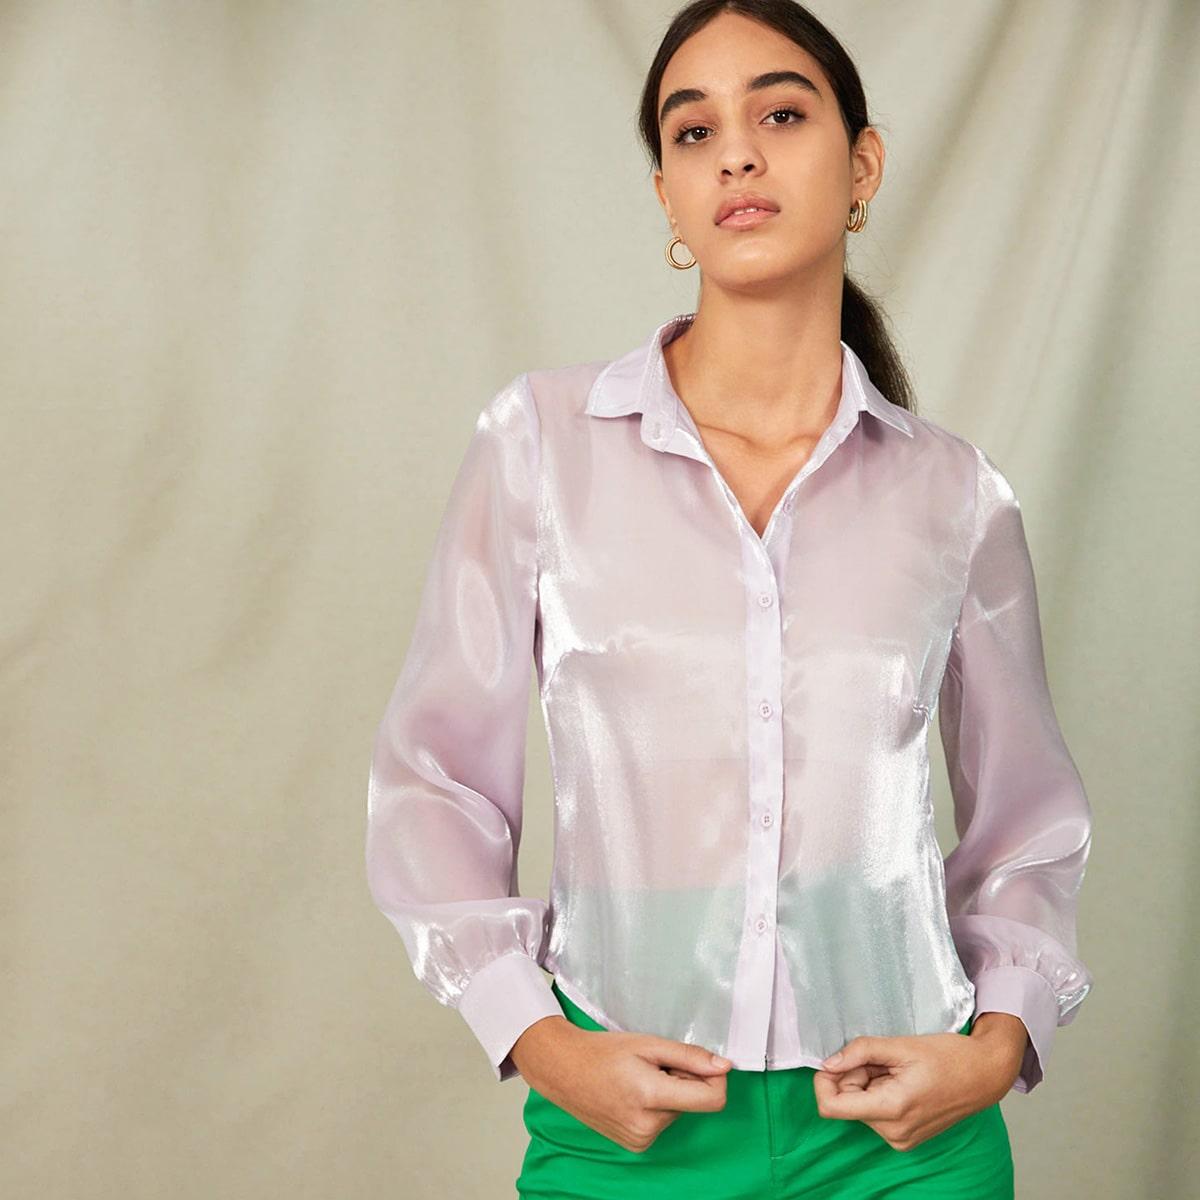 Прозрачный Одноцветный Элегантный Блузы